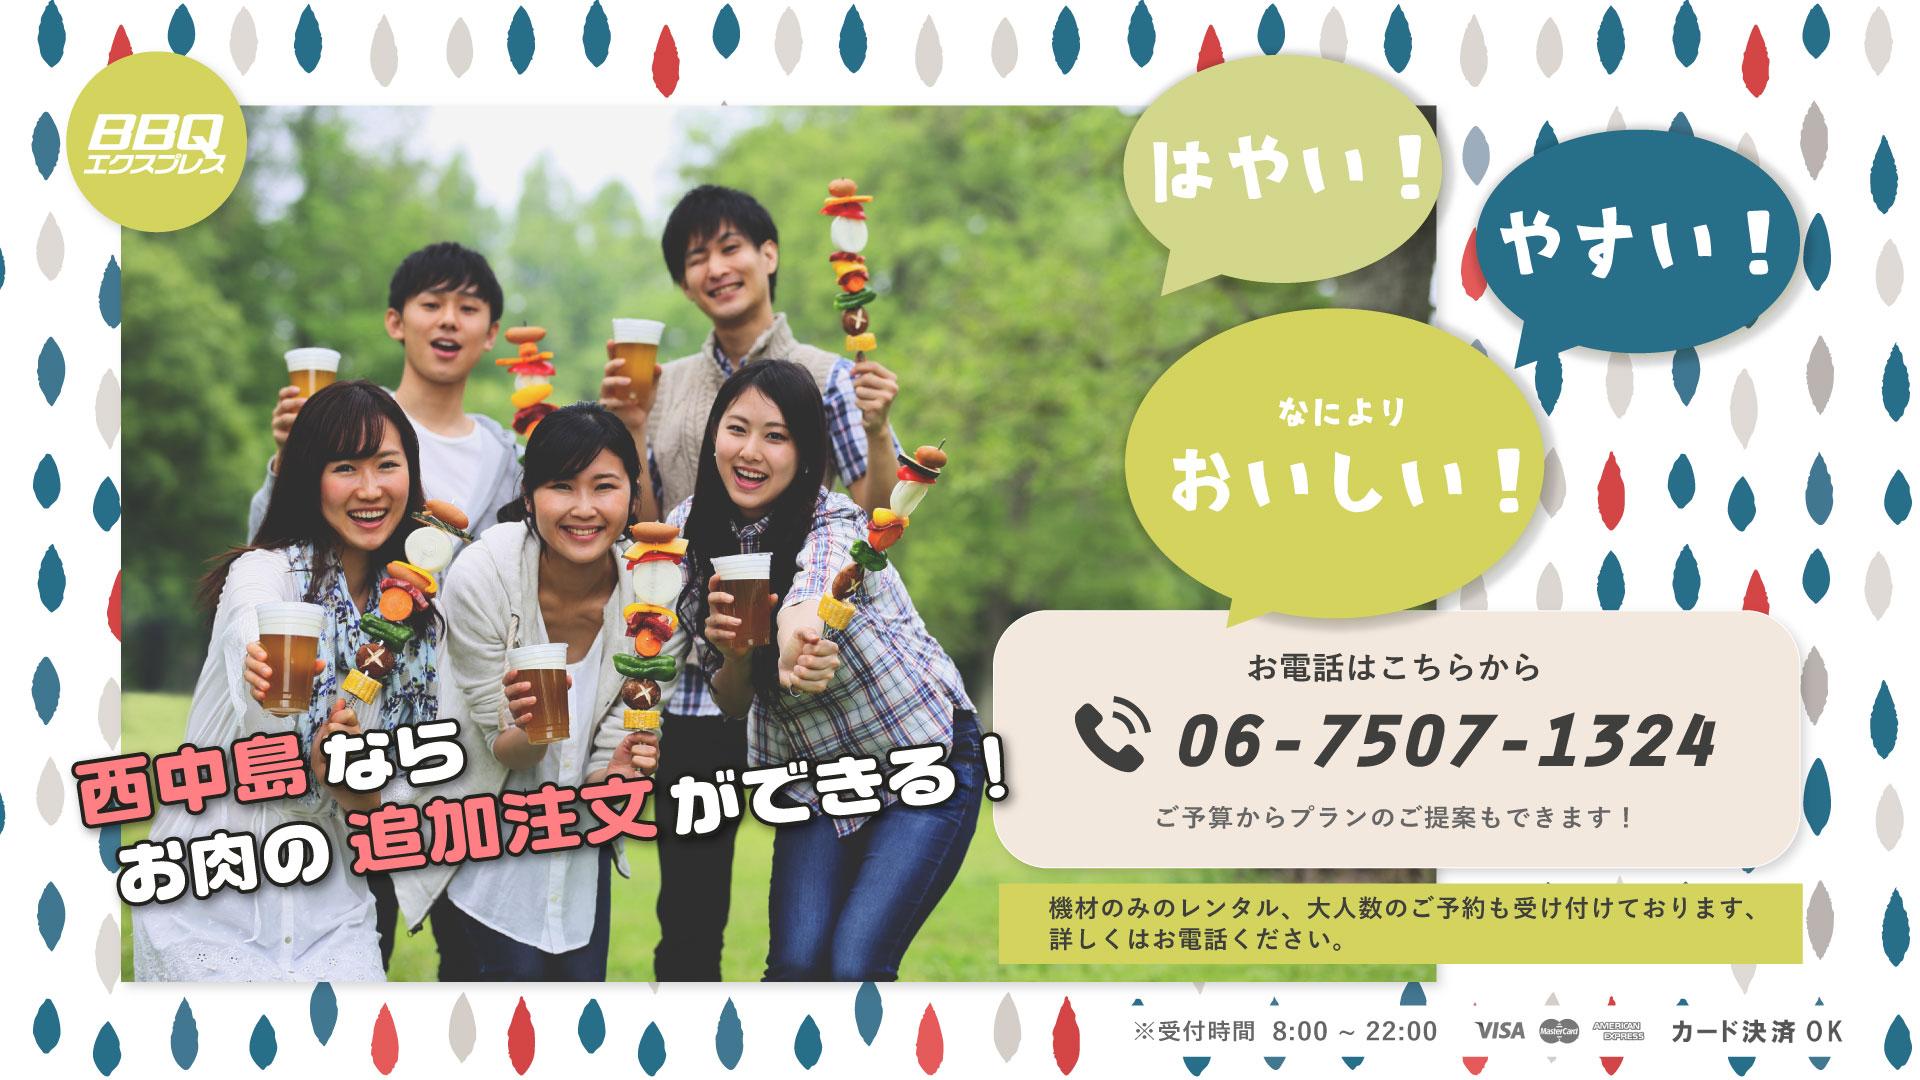 BBQエクスプレス|大阪でバーベキューするならBBQエクスプレス